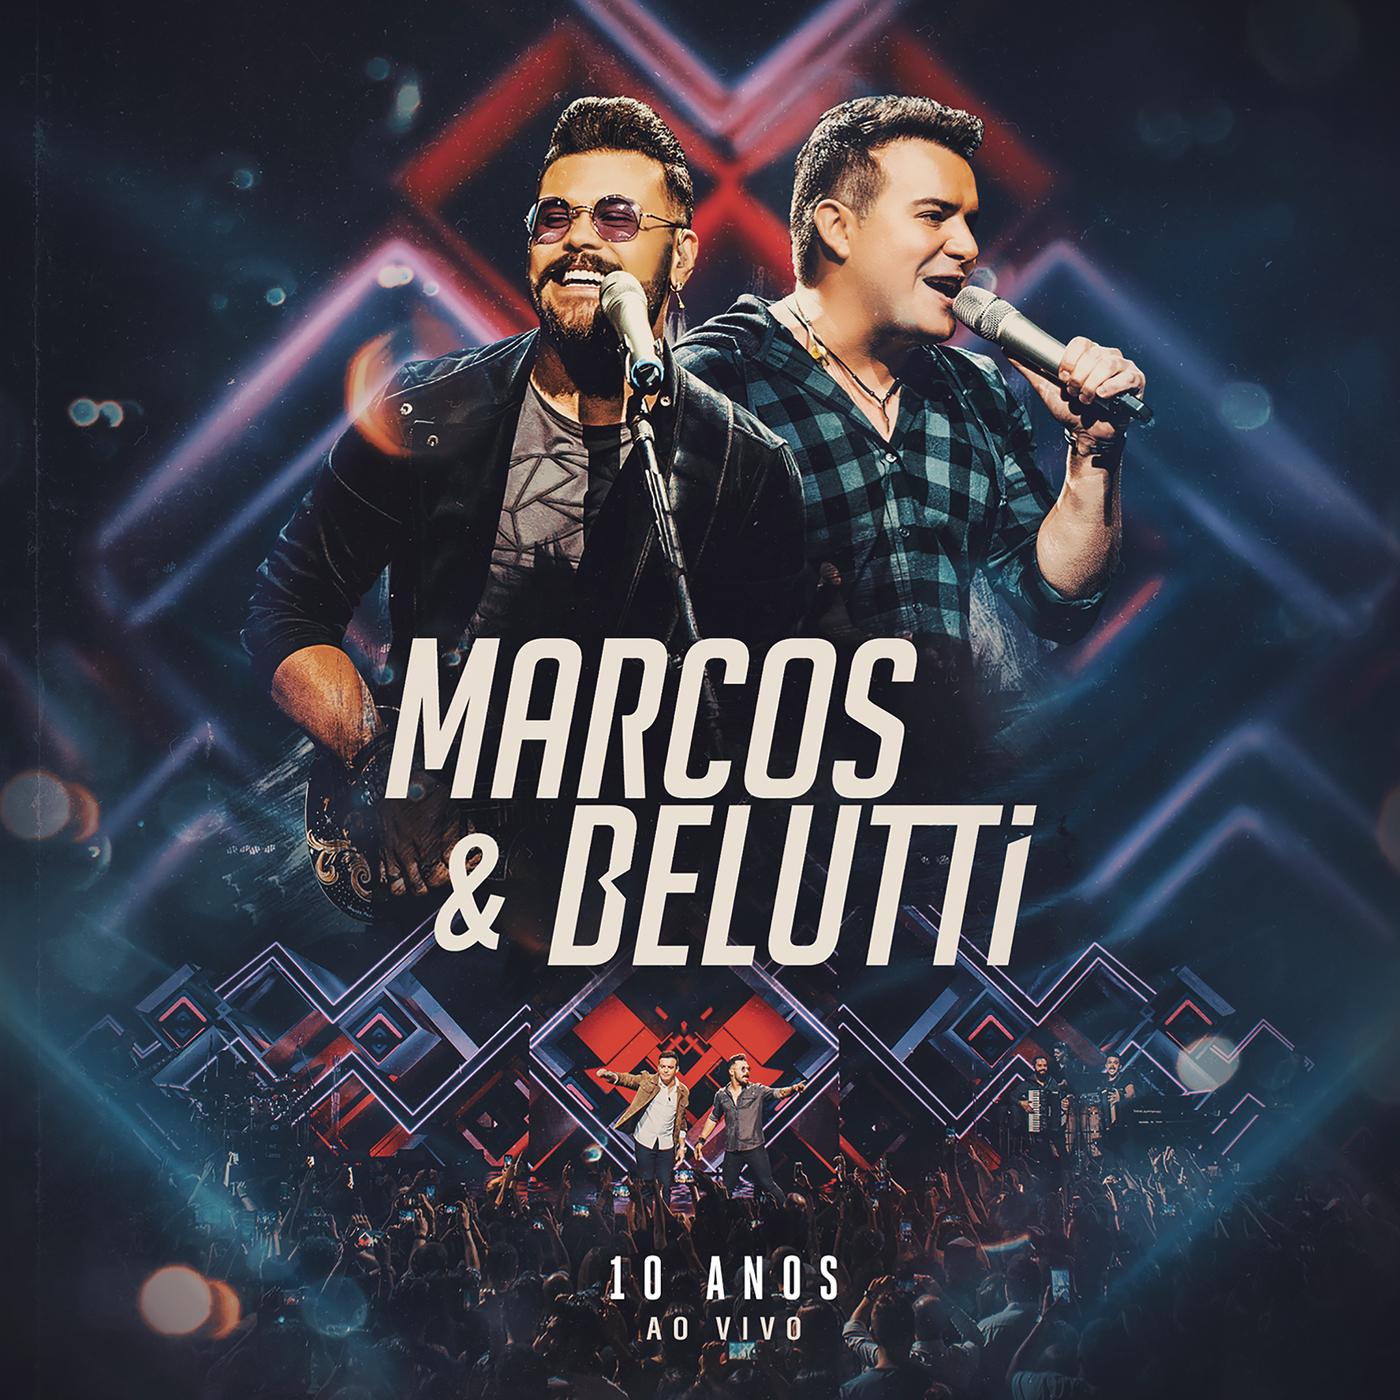 10 Anos (Ao Vivo) - Marcos & Belutti